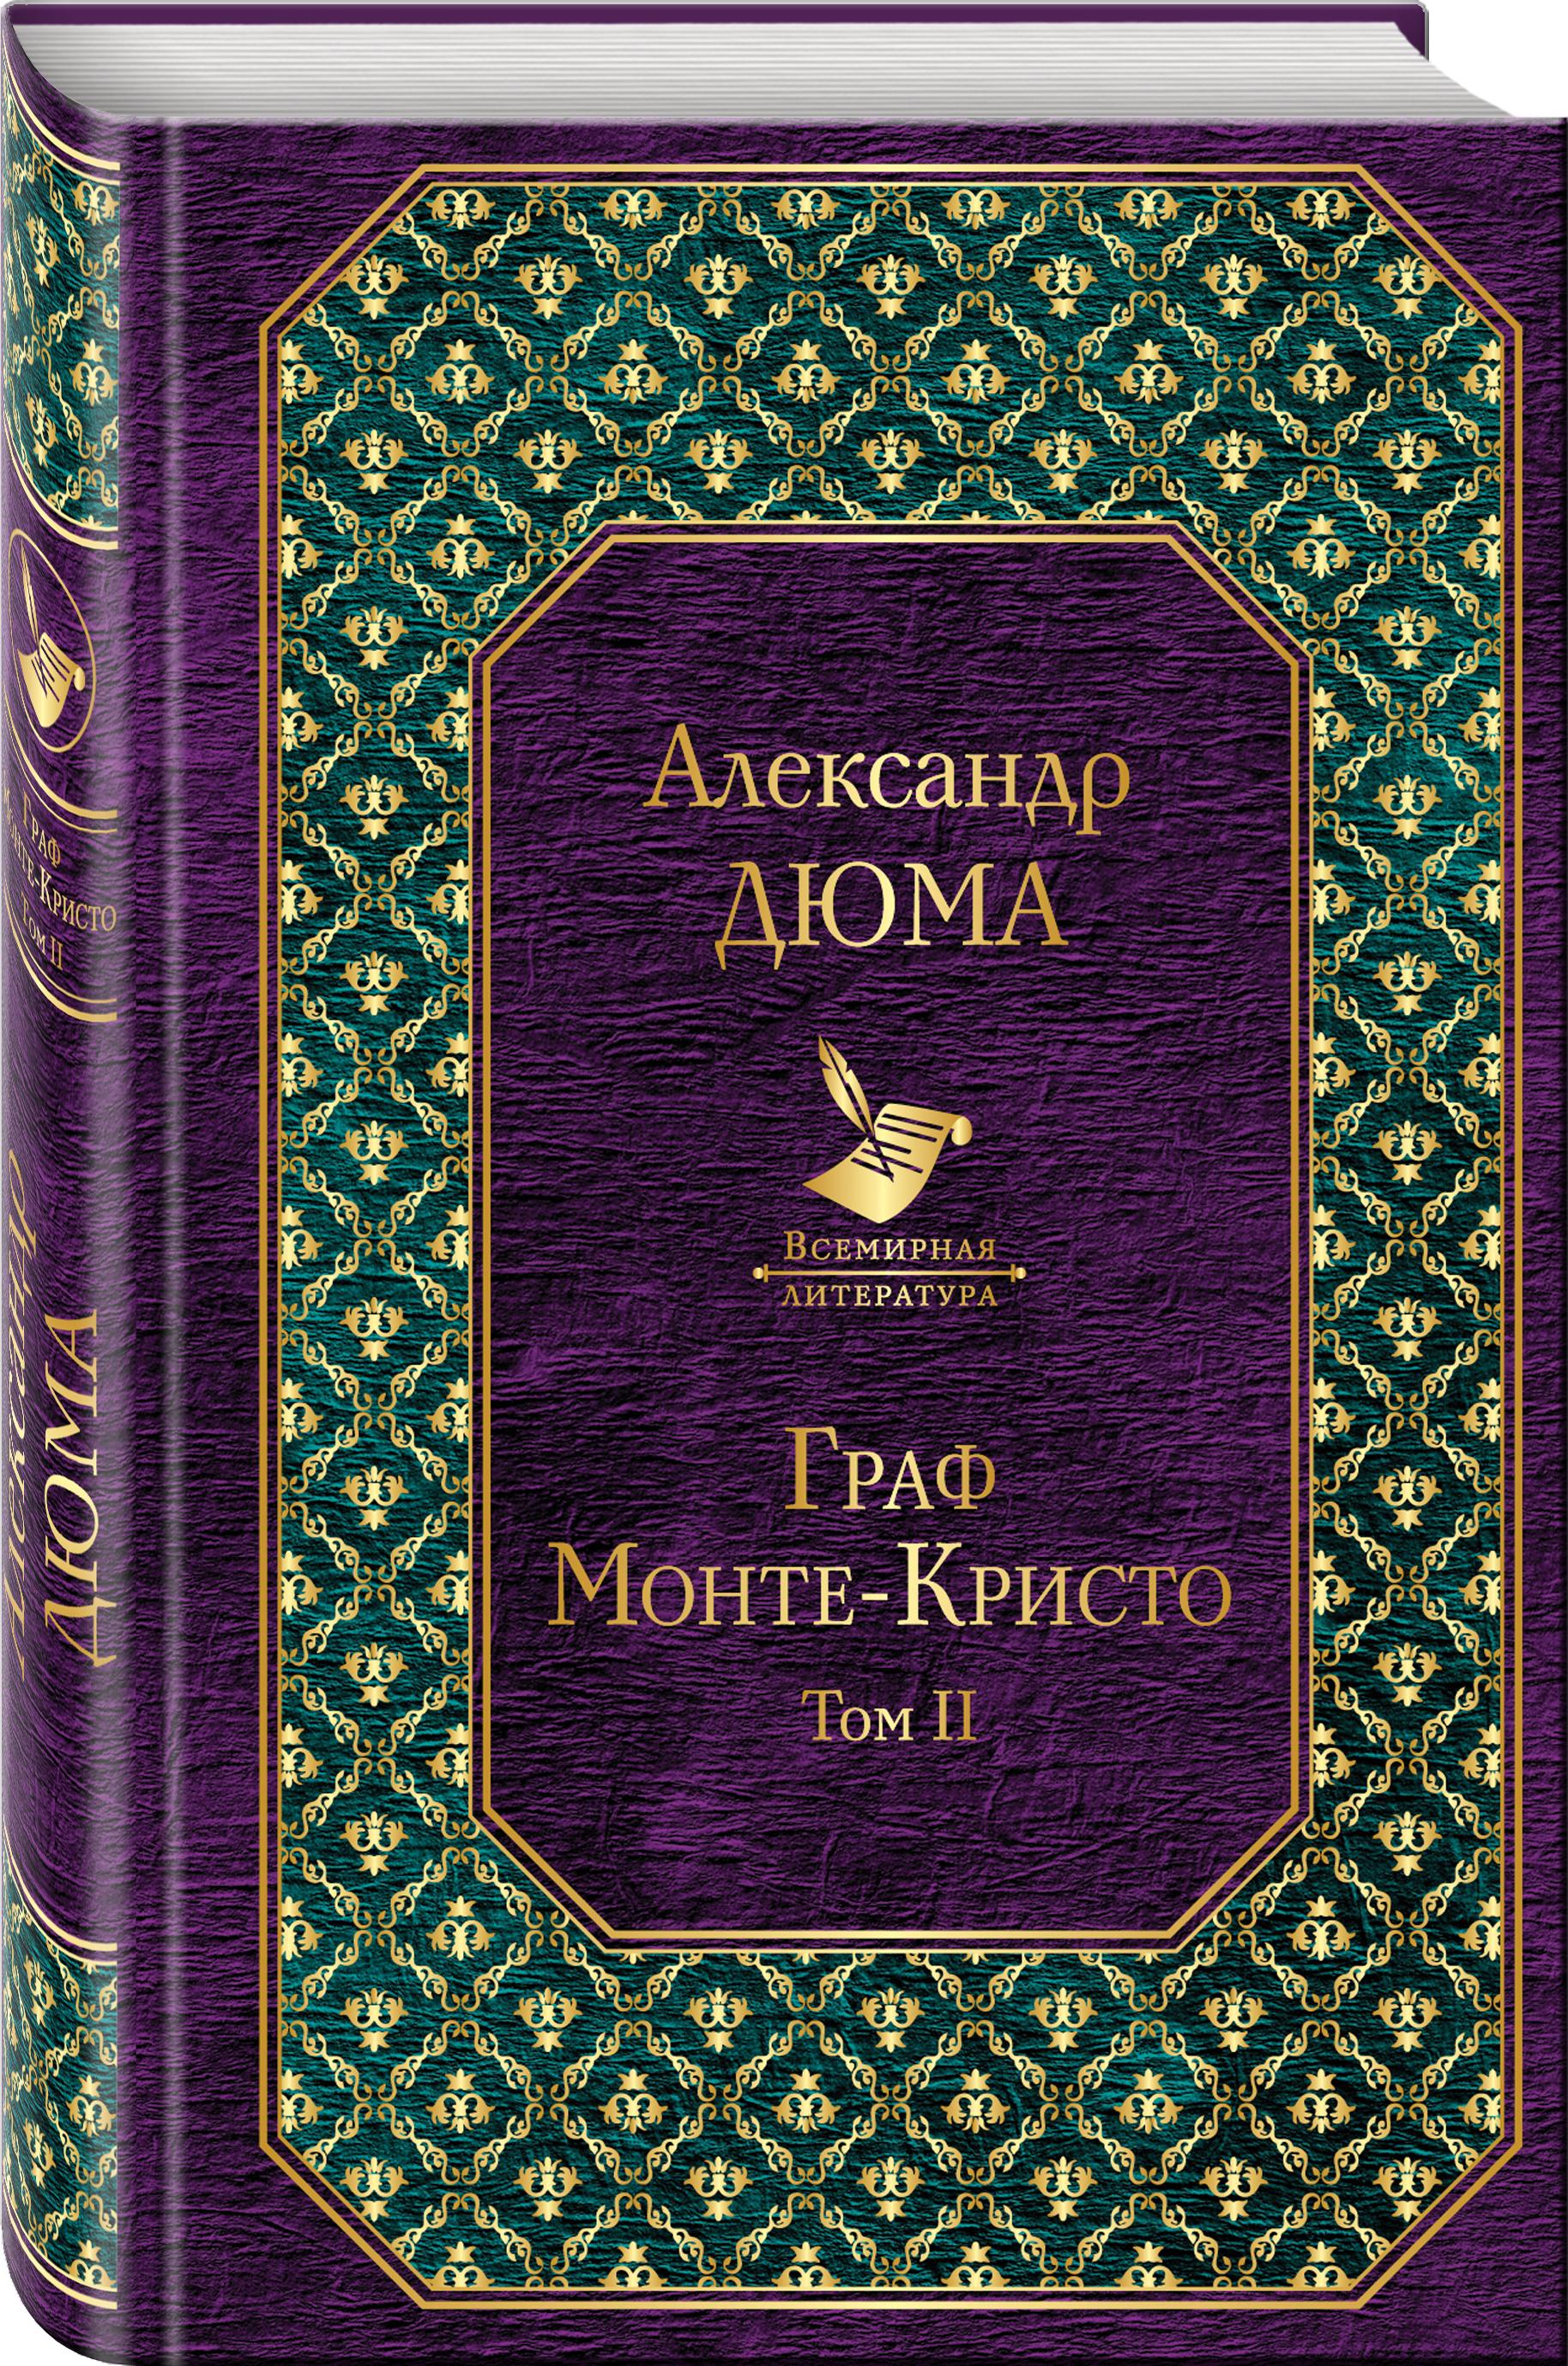 Дюма А. Граф Монте-Кристо. Т. 2 дюма а граф монте кристо